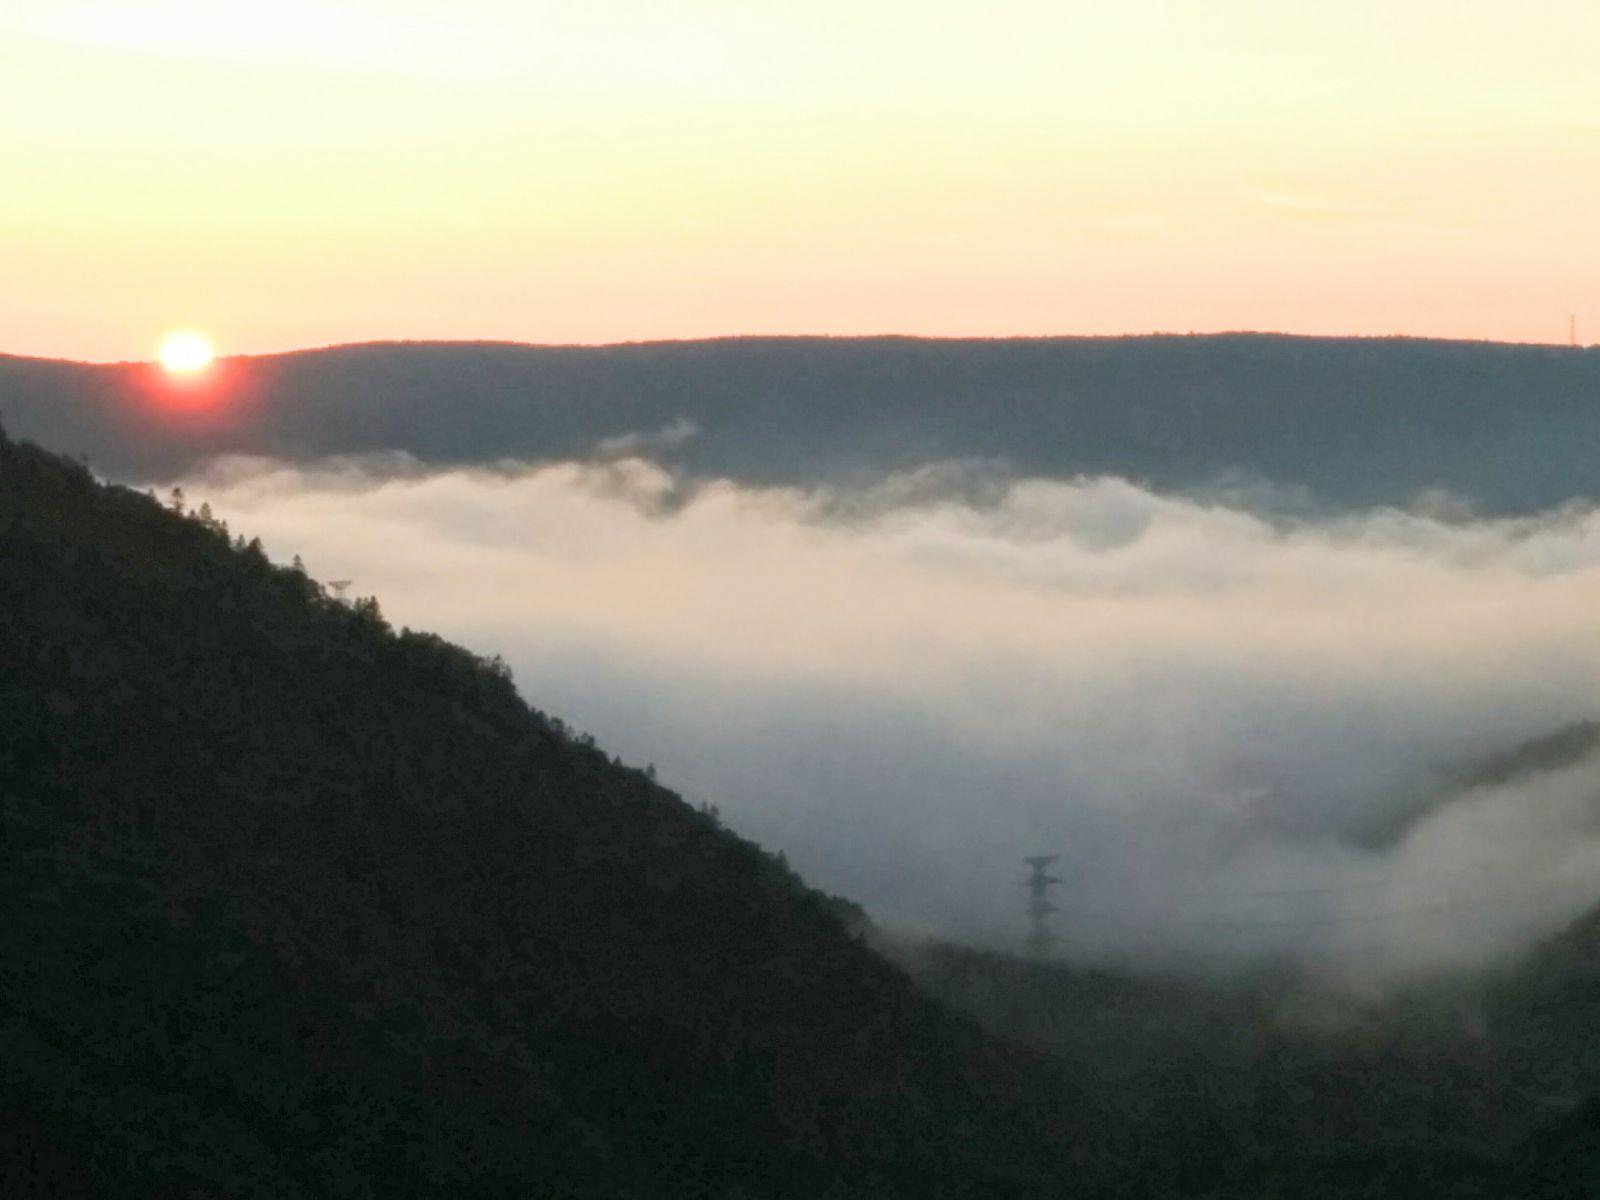 【小樽市】朝里峠の雲海観光写真です。